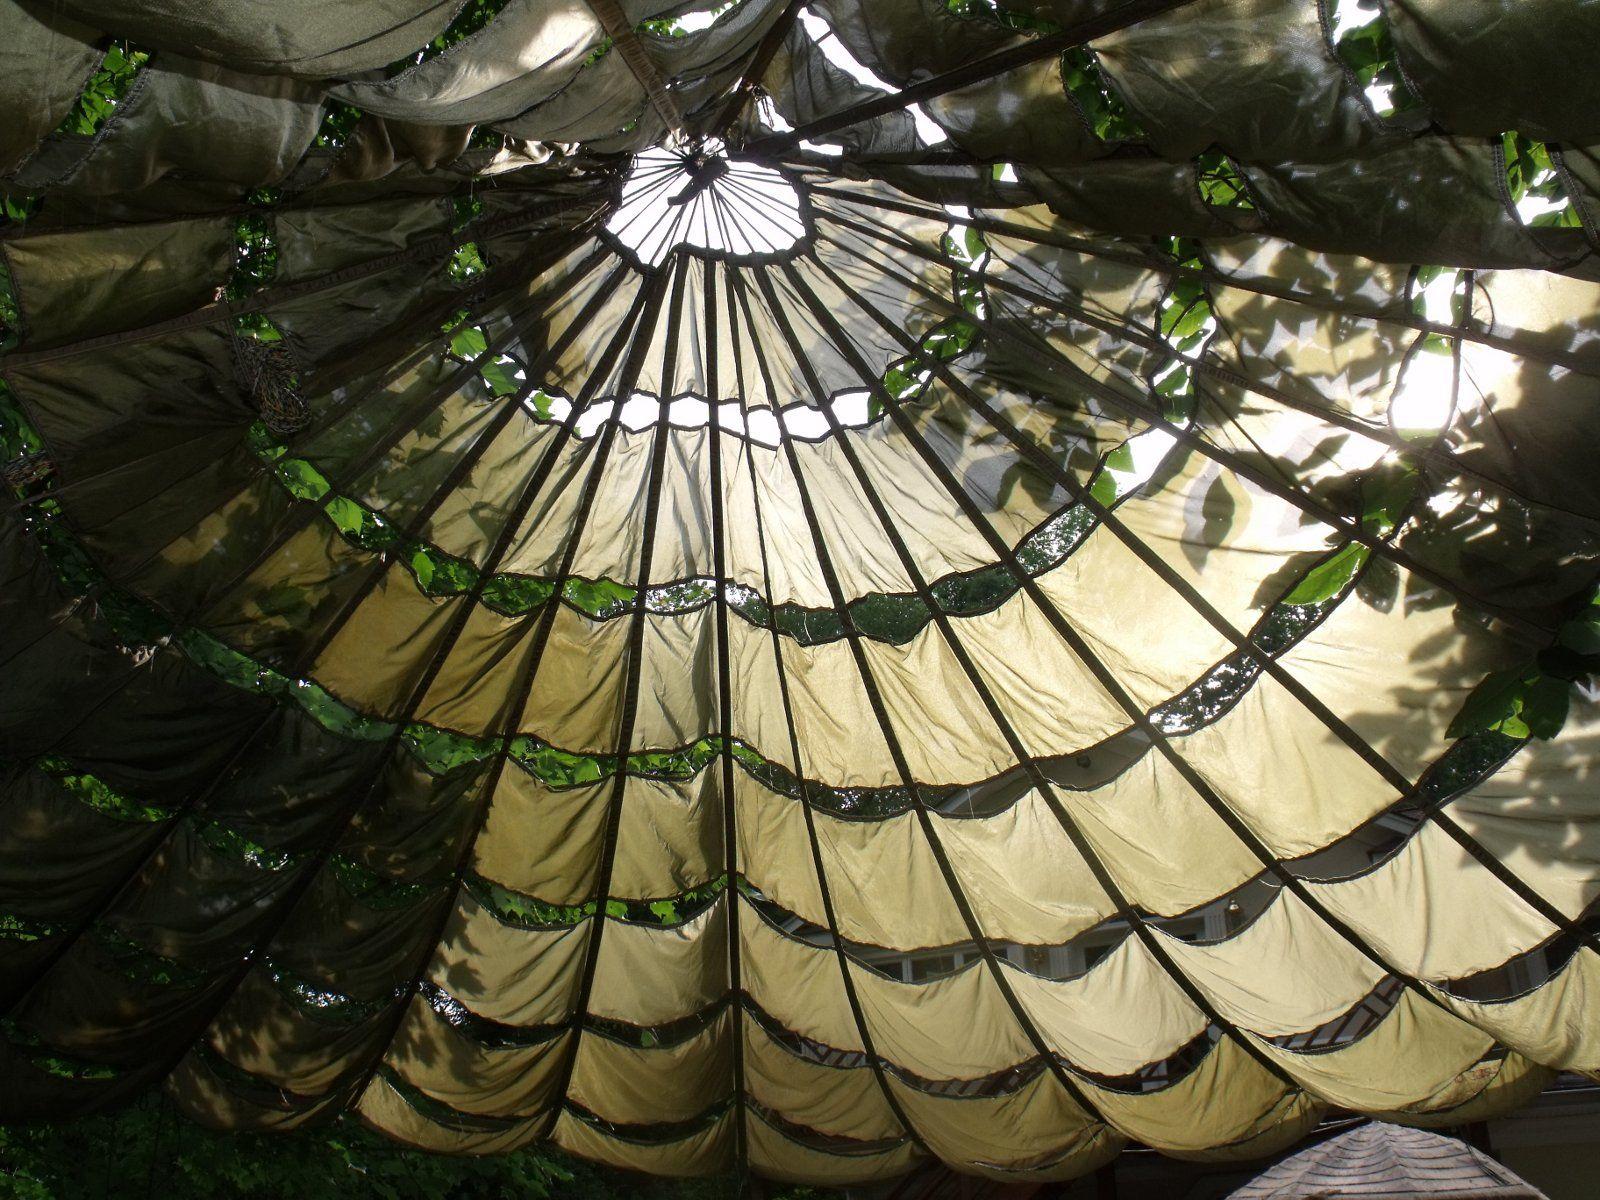 US Parachute Party Tent Garden Canopy Sun Shade Gazebo Wedding Patio Umbrella & US Parachute Party Tent Garden Canopy Sun Shade Gazebo Wedding ...